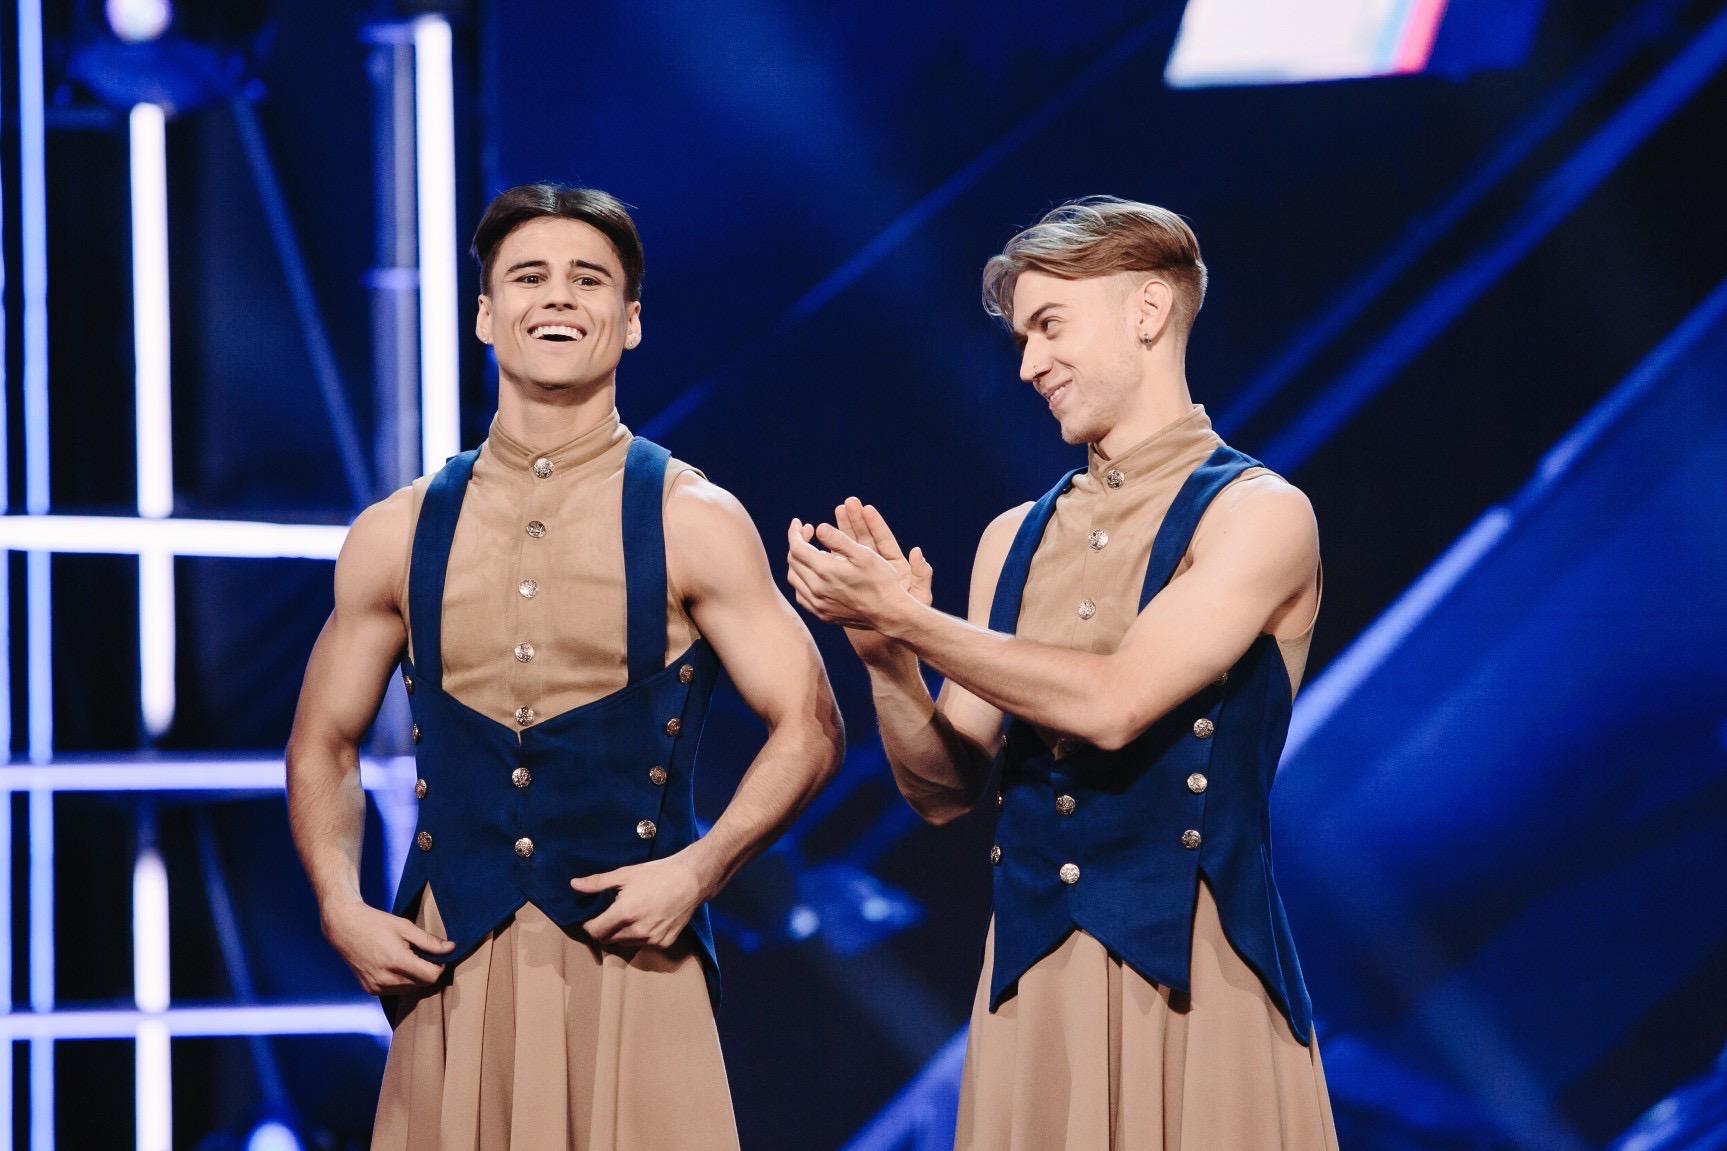 Хореограф, поставивший номер уроженцу Уфы на шоу «Танцы» на ТНТ, прокомментировал выступление парня